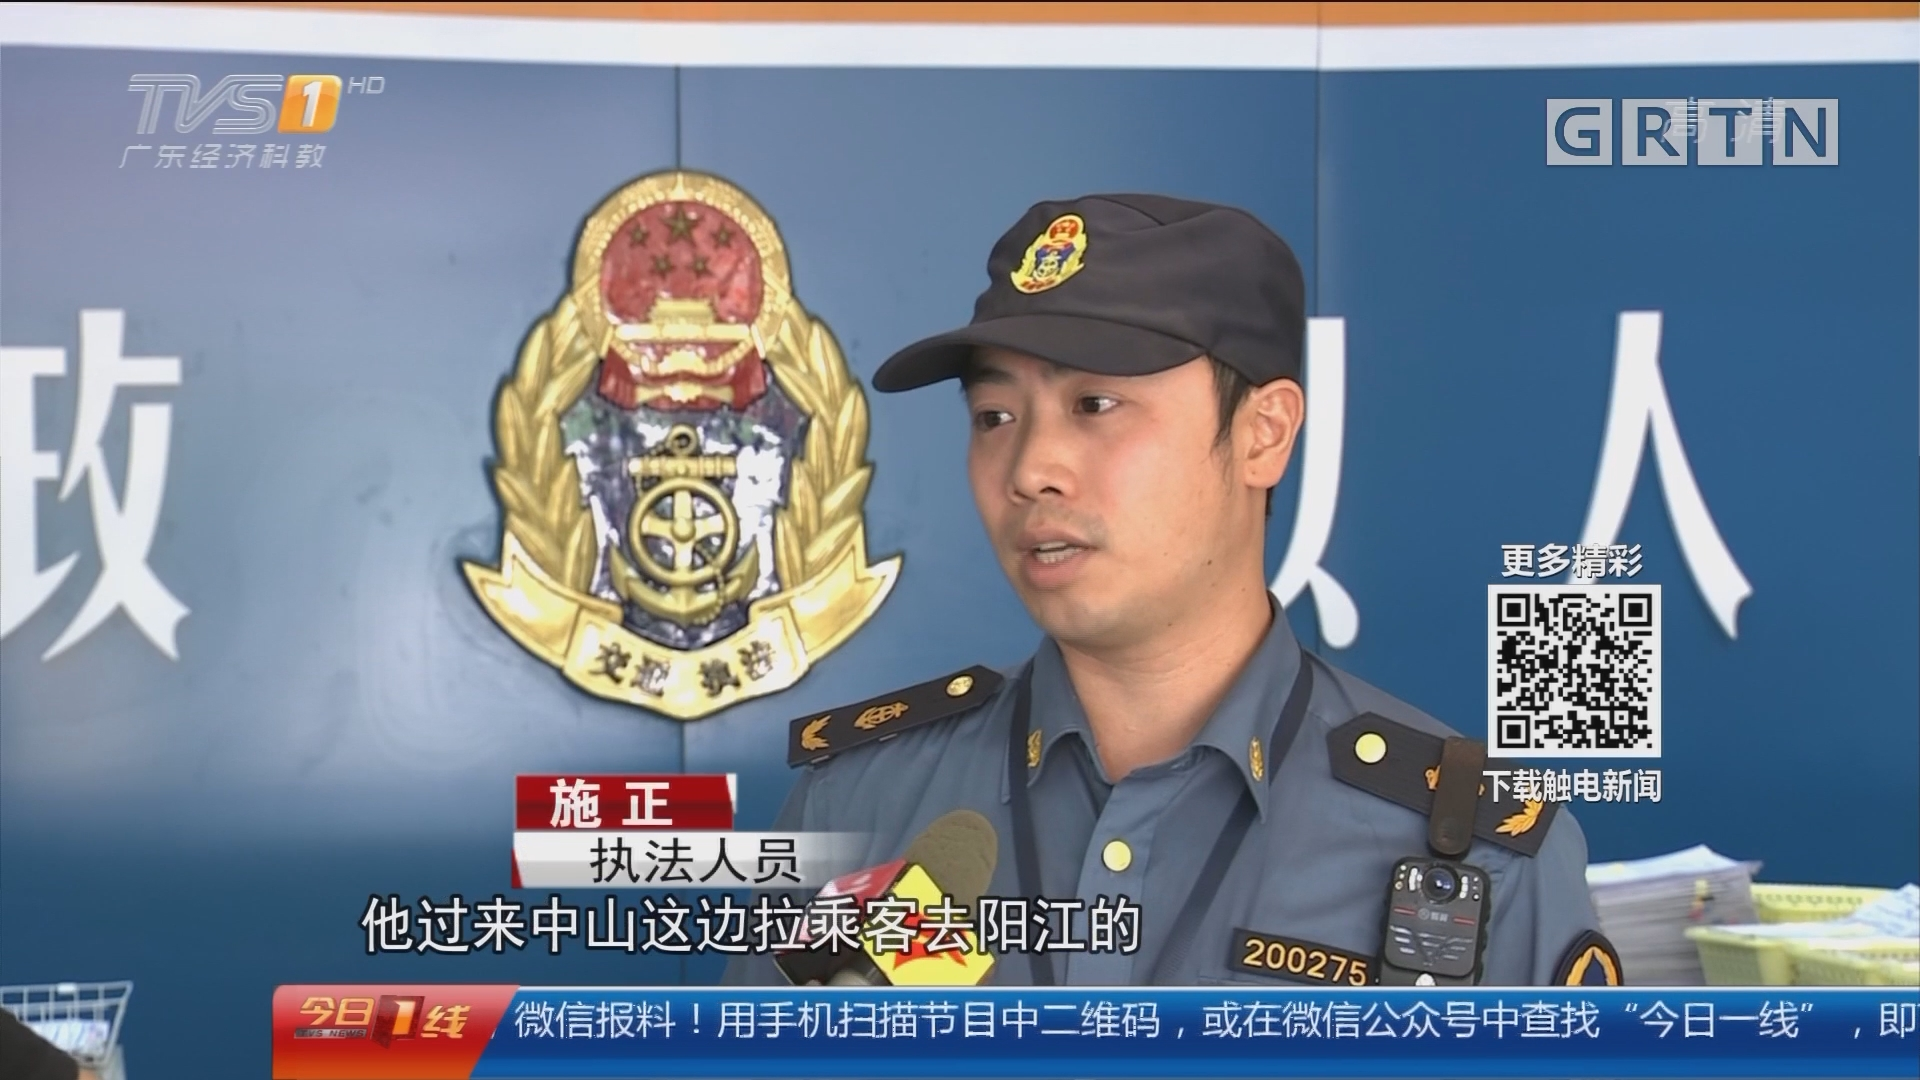 中山南区:司机违规运营被查 当场假摔